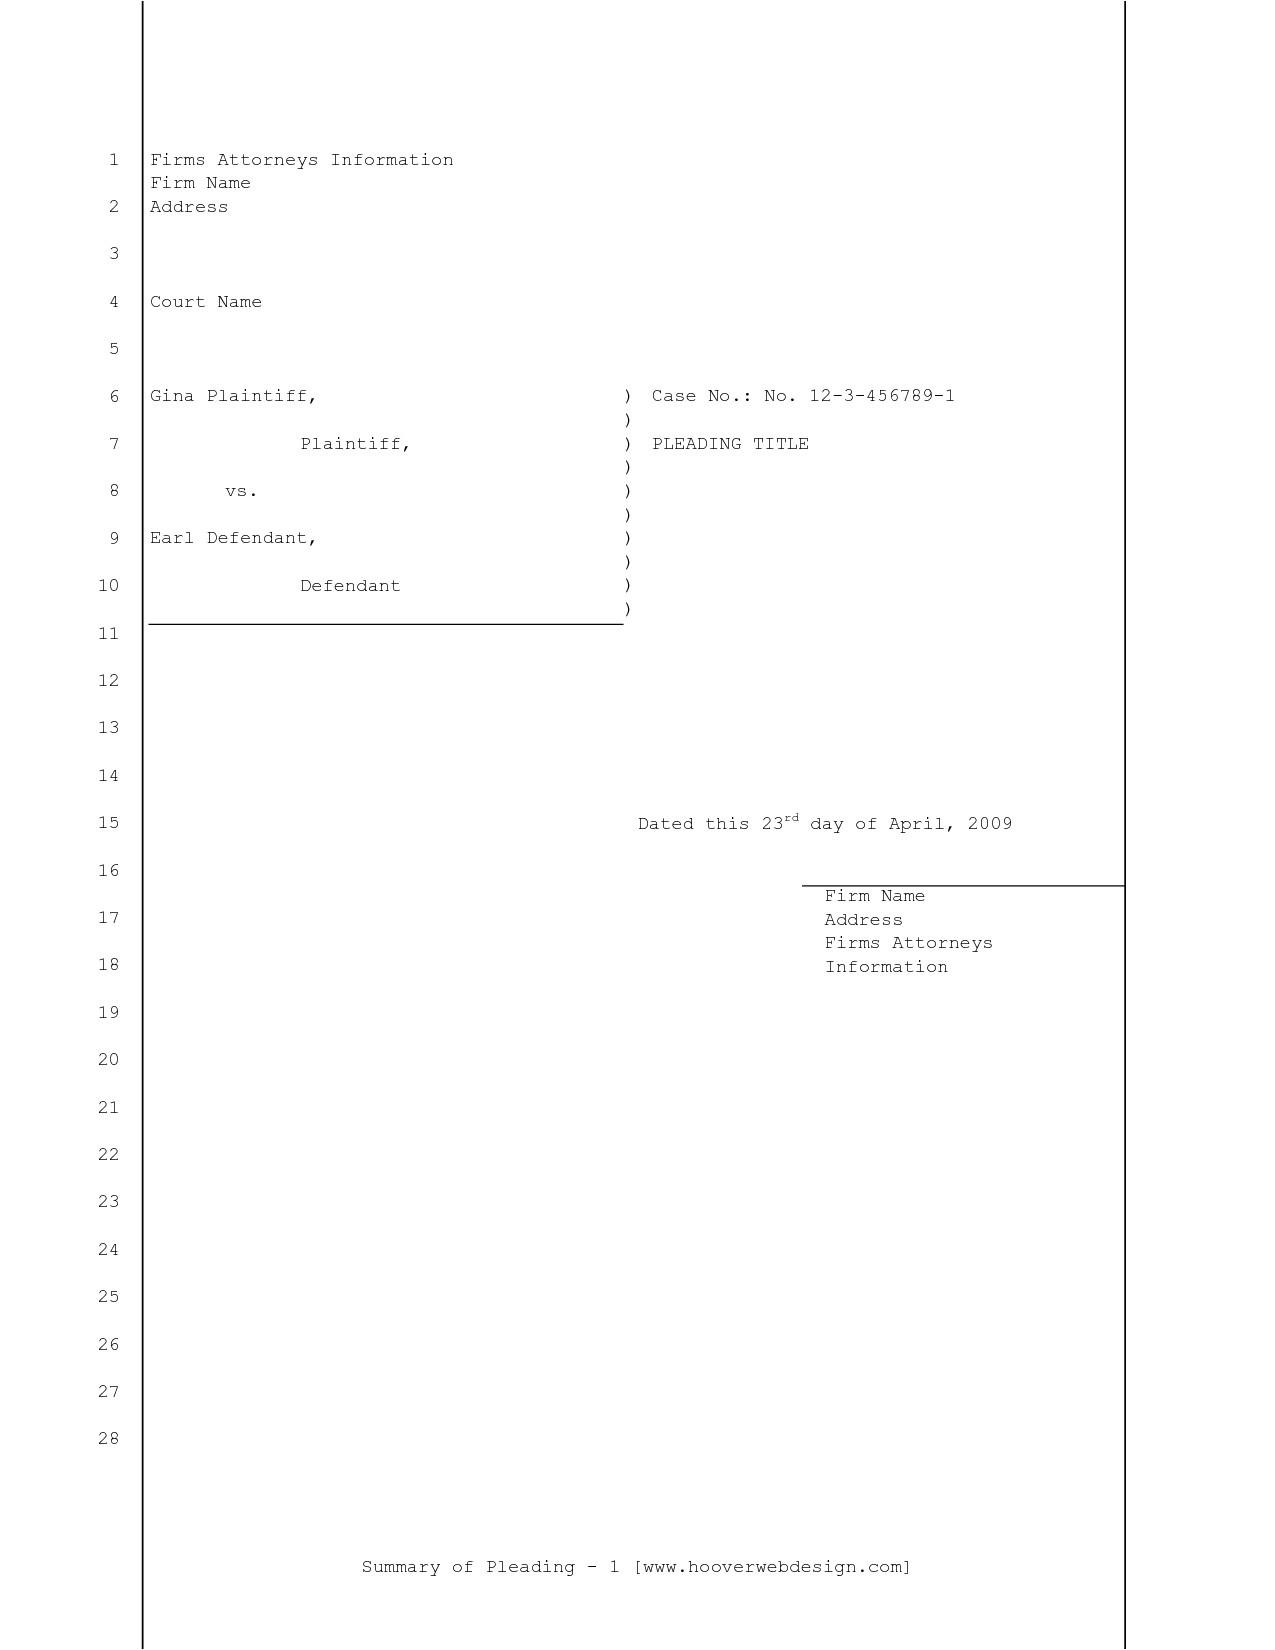 post california pleading paper superior court 403441